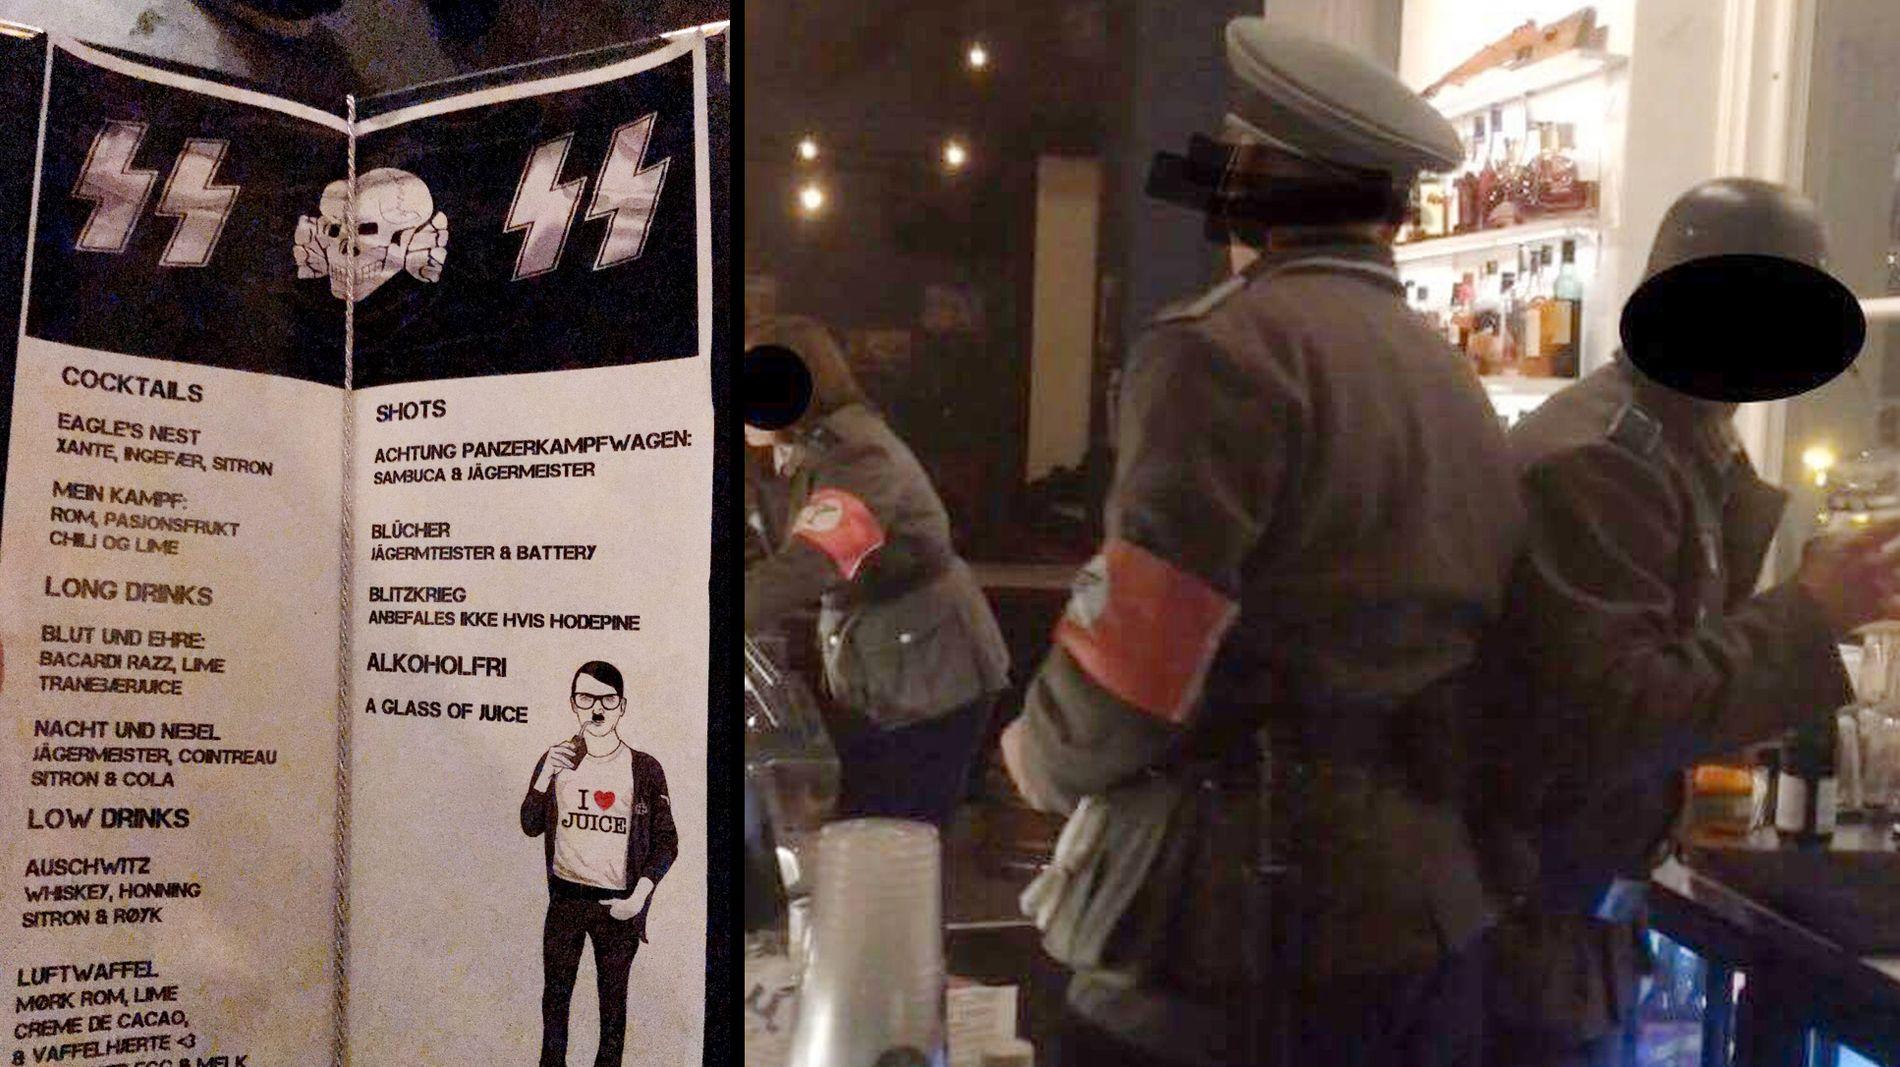 NAZI-FEST: Bartendere ikledd uniformer og drinker med navn som «Auschwitz» var en del av festen som ble avholdt på Studentersamfundet i Trondheim lørdag. Foto: PRIVAT